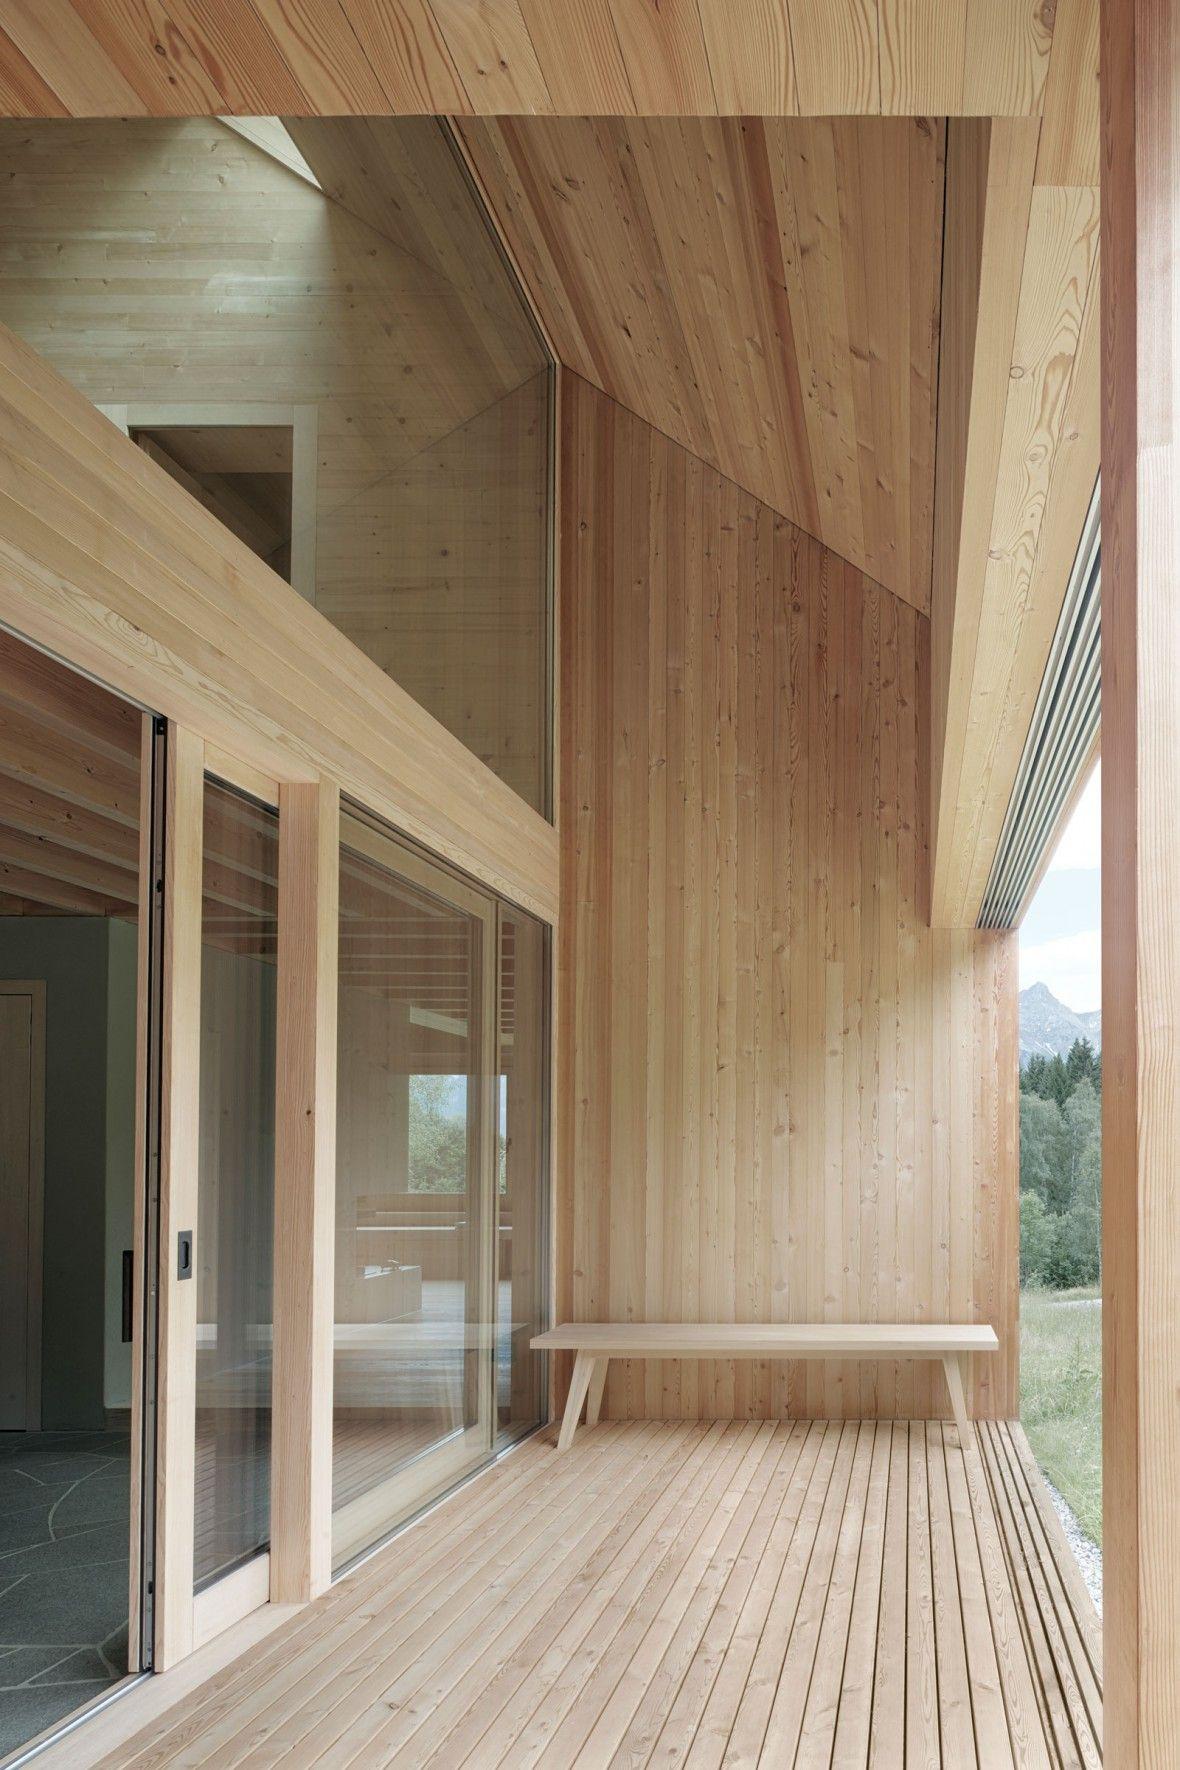 Architekten Innauer Matt Haus Architektur Architektur Und Haus Design